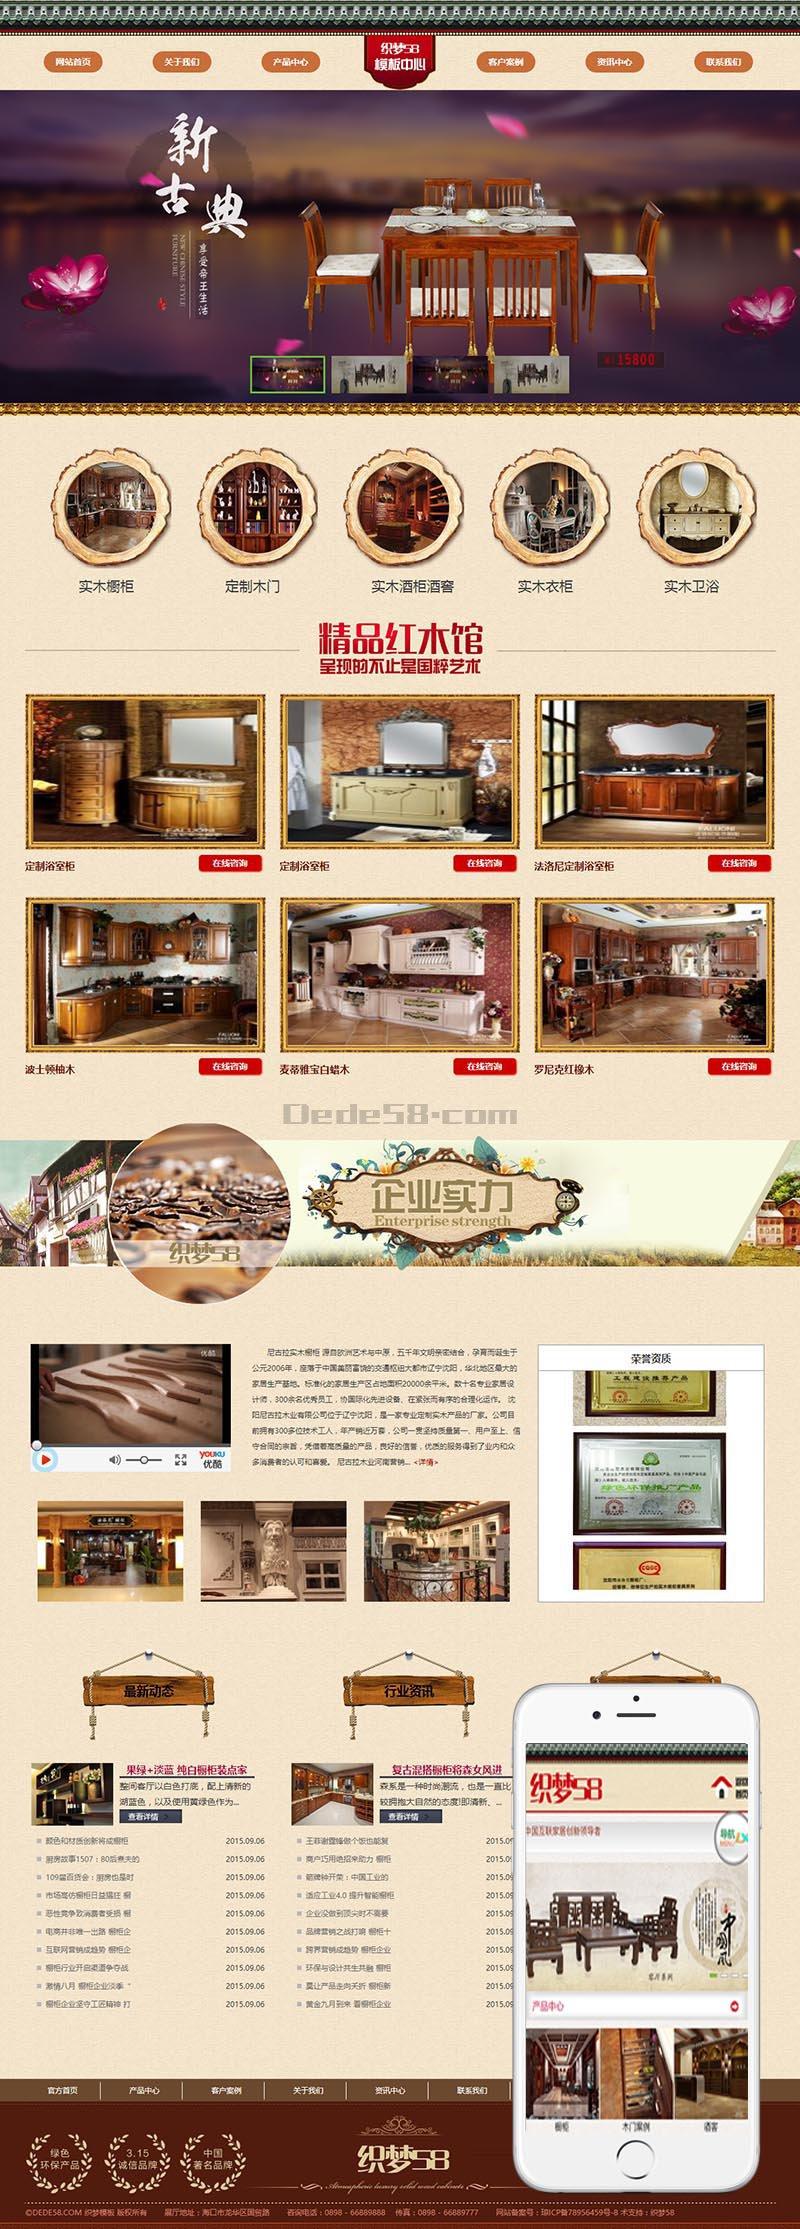 简洁家居家具厨房橱柜用品企业网站织梦dedecms模板(带手机端) 第2张